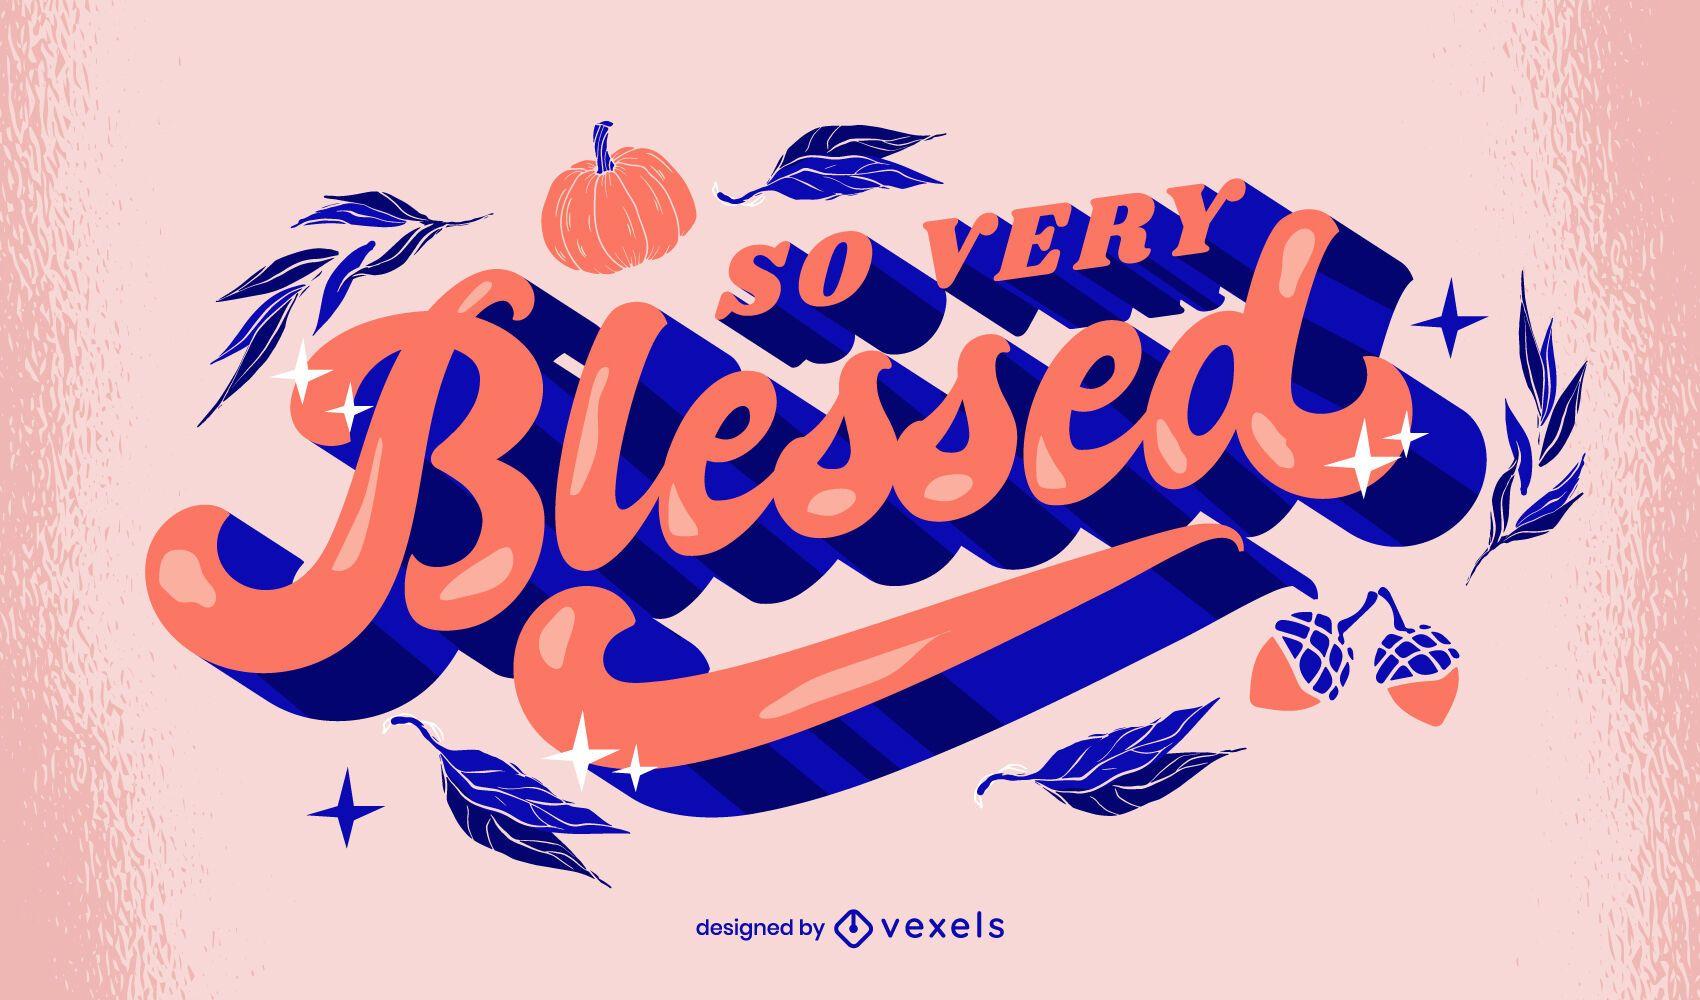 Diseño de letras bendecidas de acción de gracias